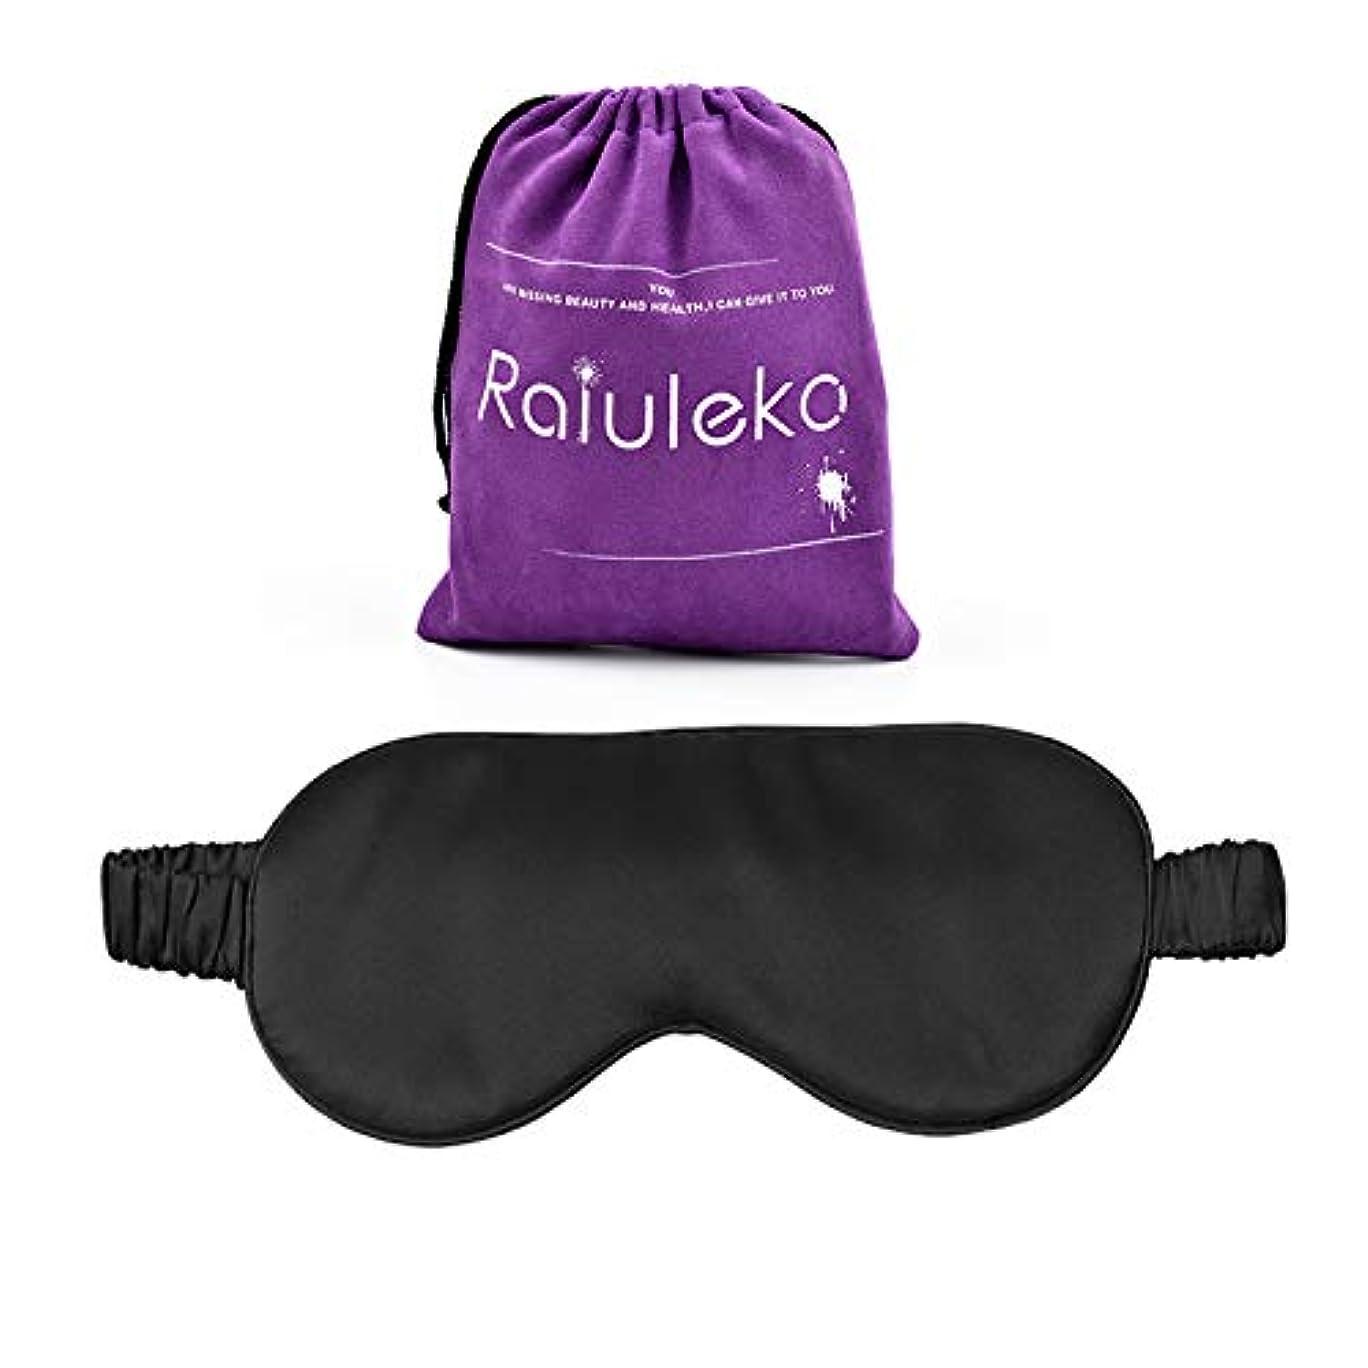 底初期対角線NOTE ナチュラルピュアシルクソフトスリープマスク目隠しシェードアイカバーポータブル接眼用旅行睡眠オフィス用休息調節可能な包帯